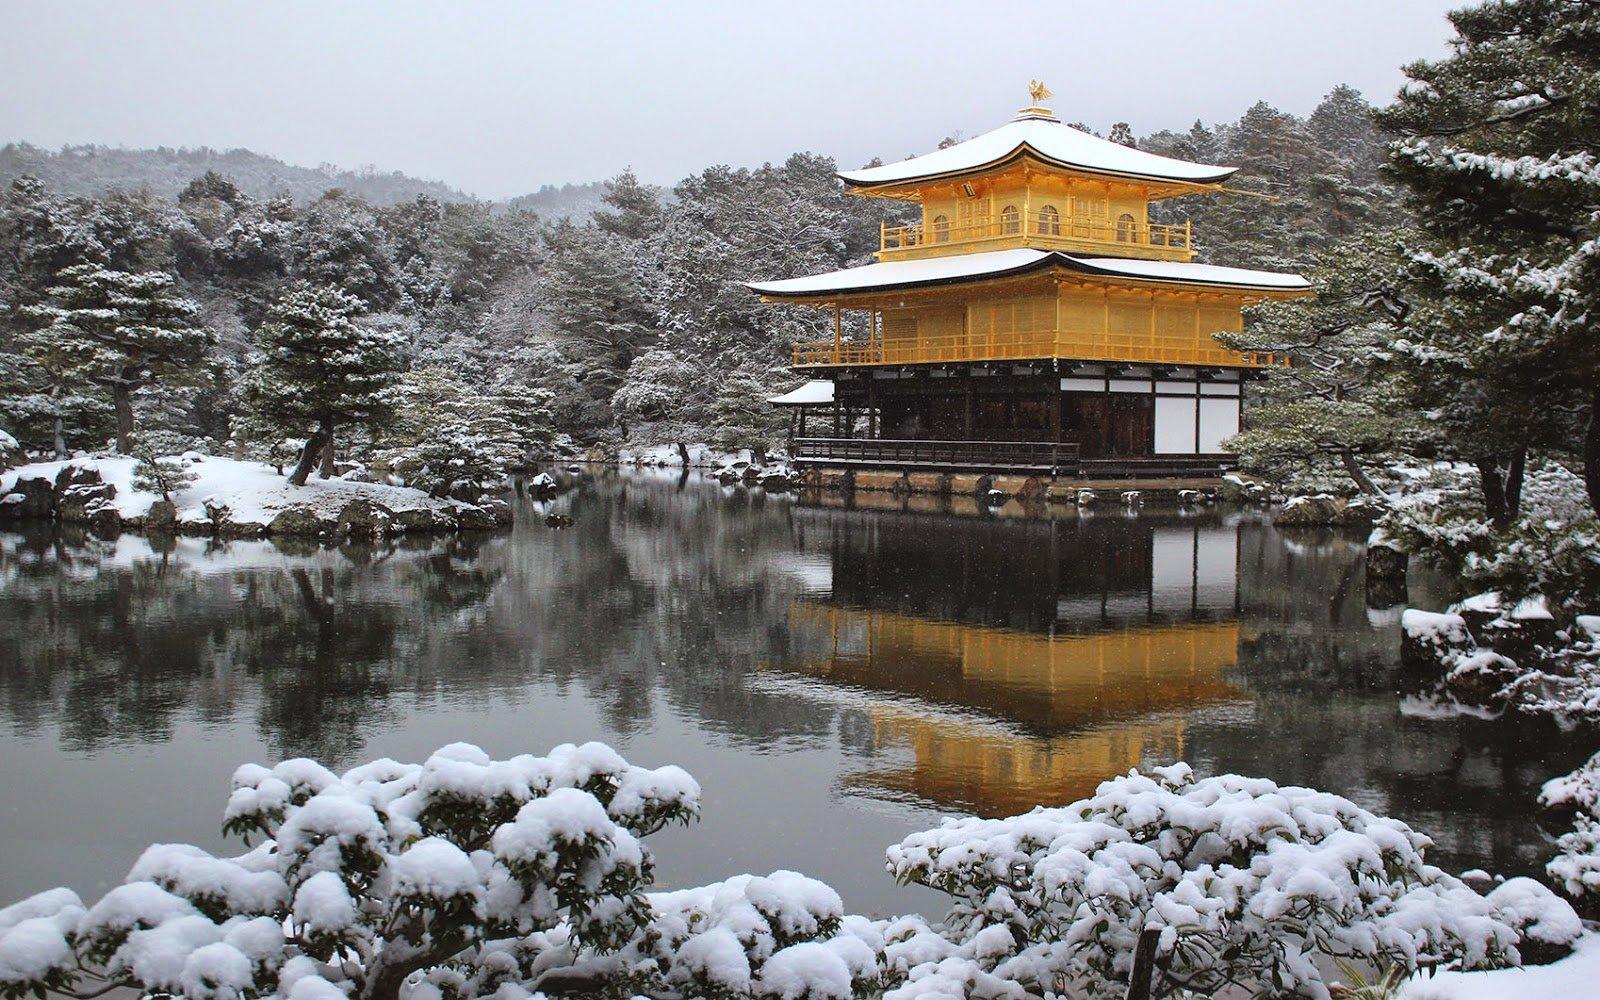 kyoto attractions